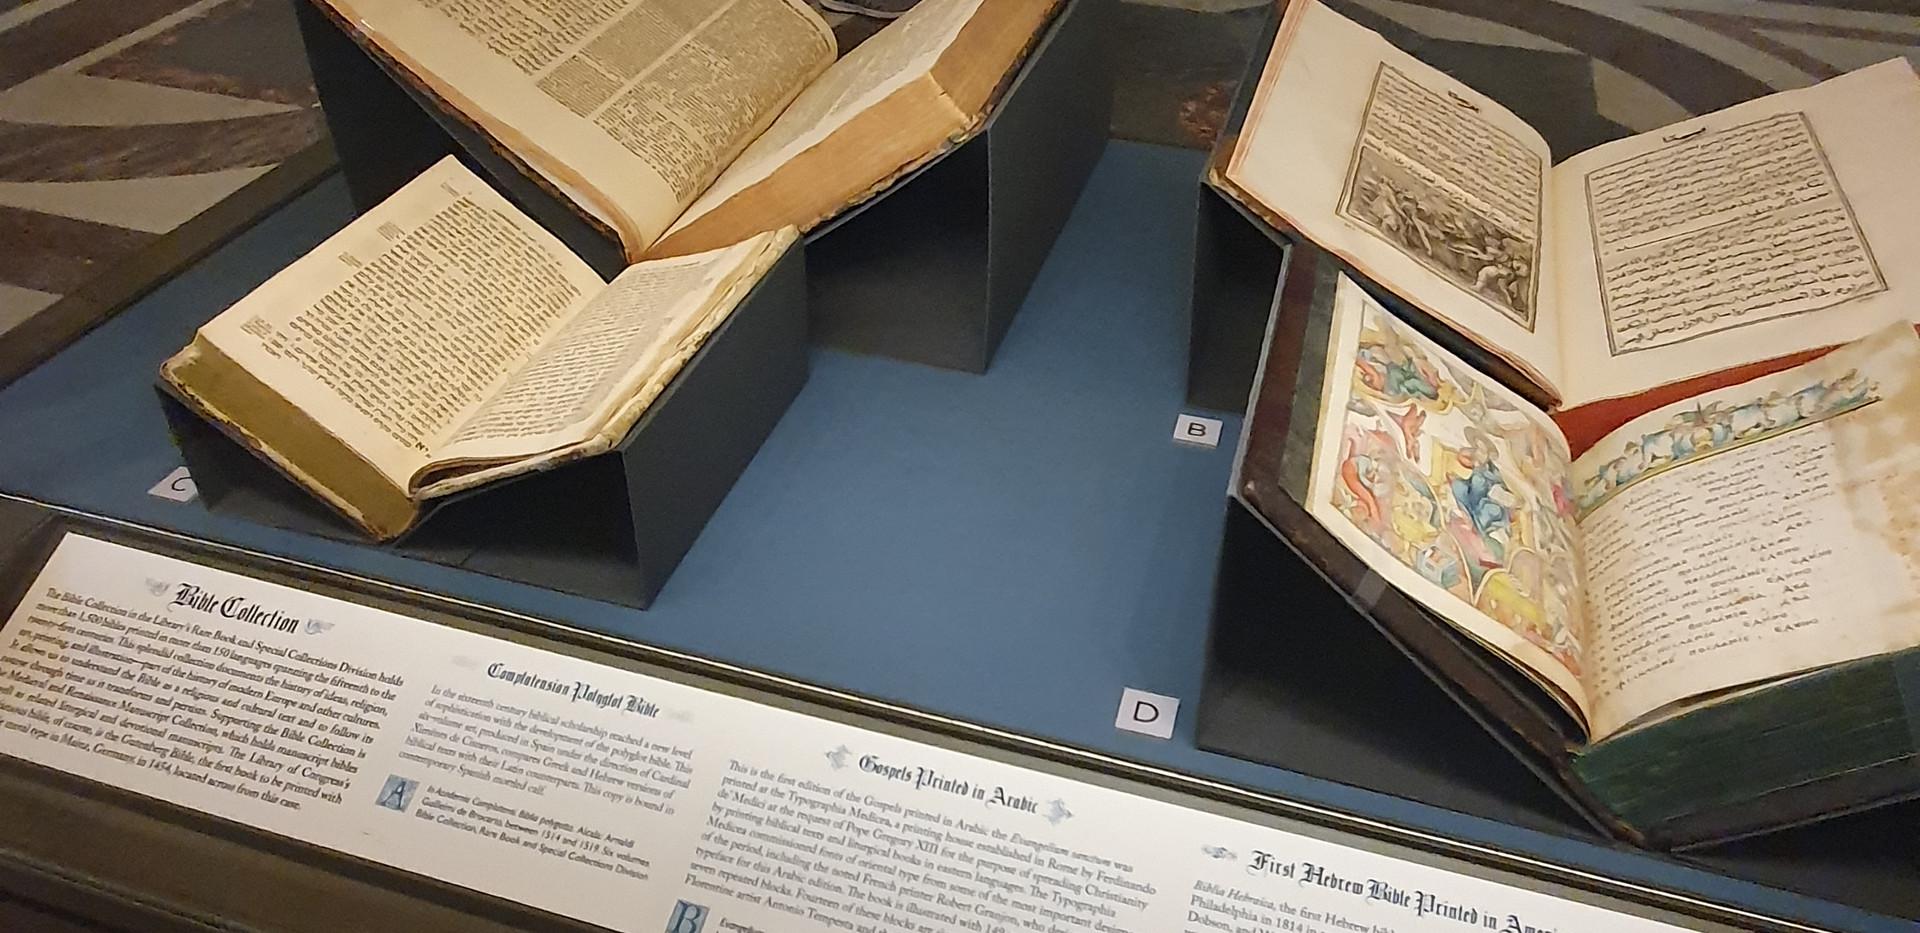 Biblioteca do Congresso - detalhes